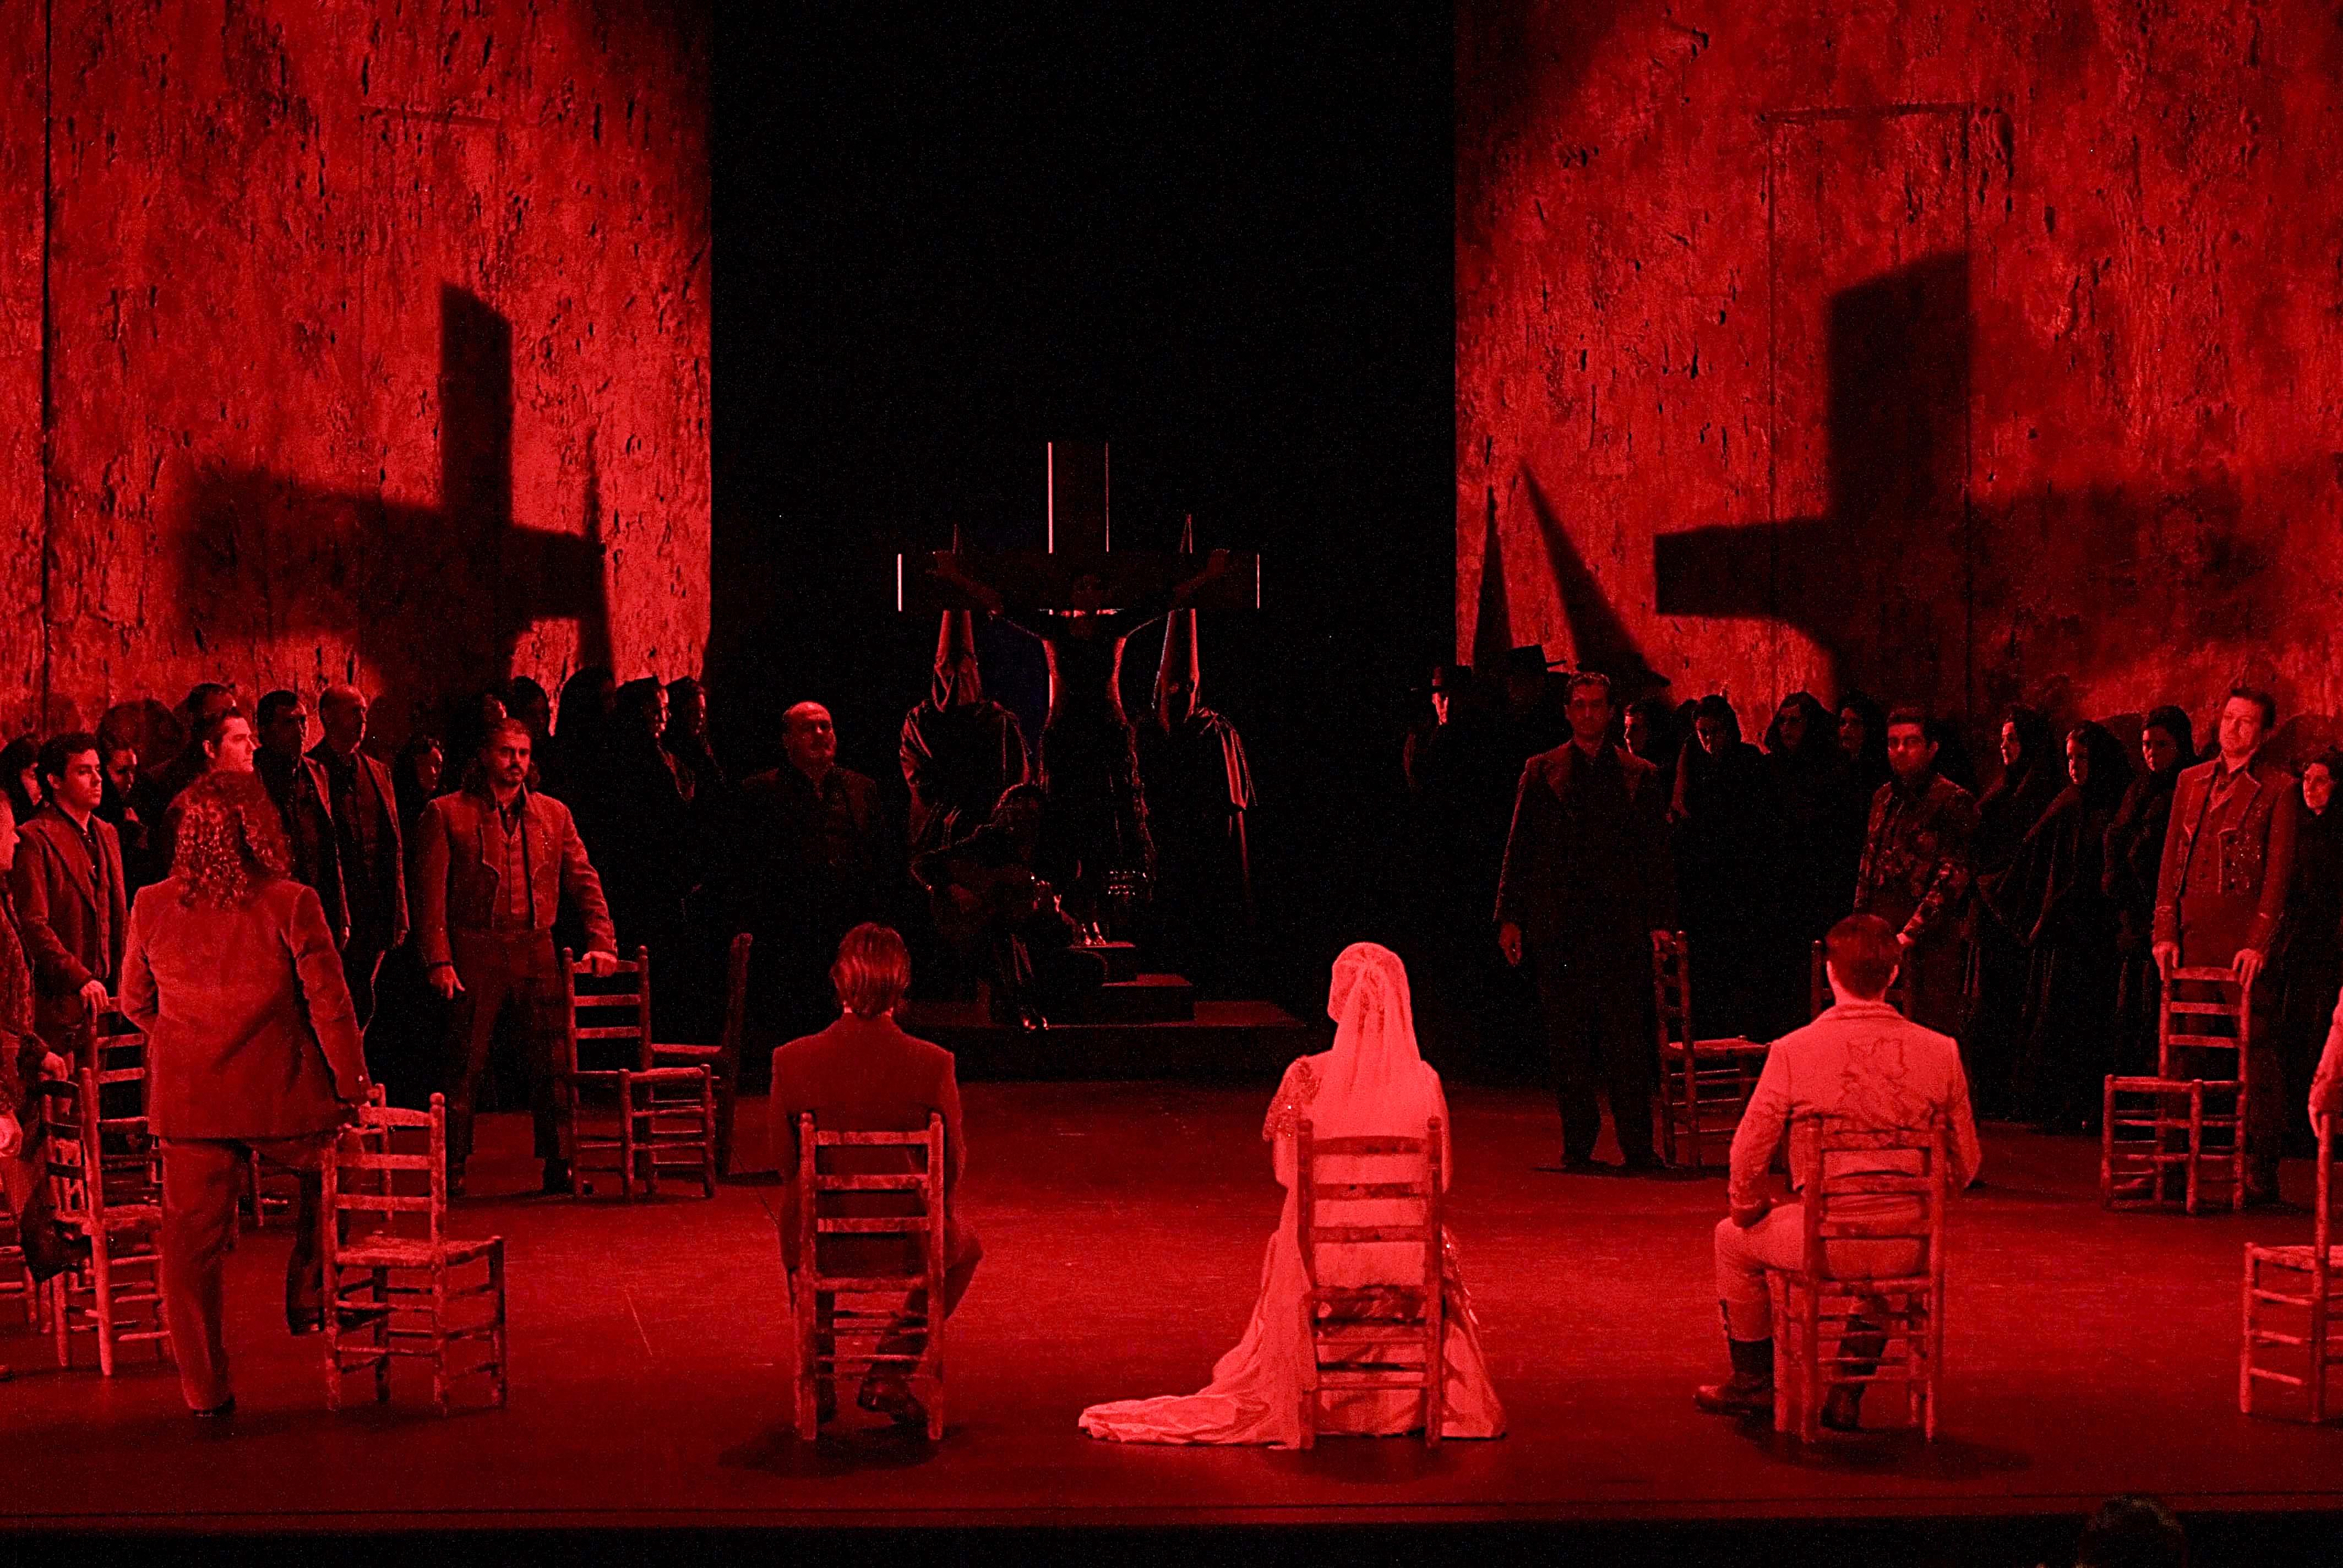 Les Arts inicia su tercera semana de ópera en línea con 'La vida breve'